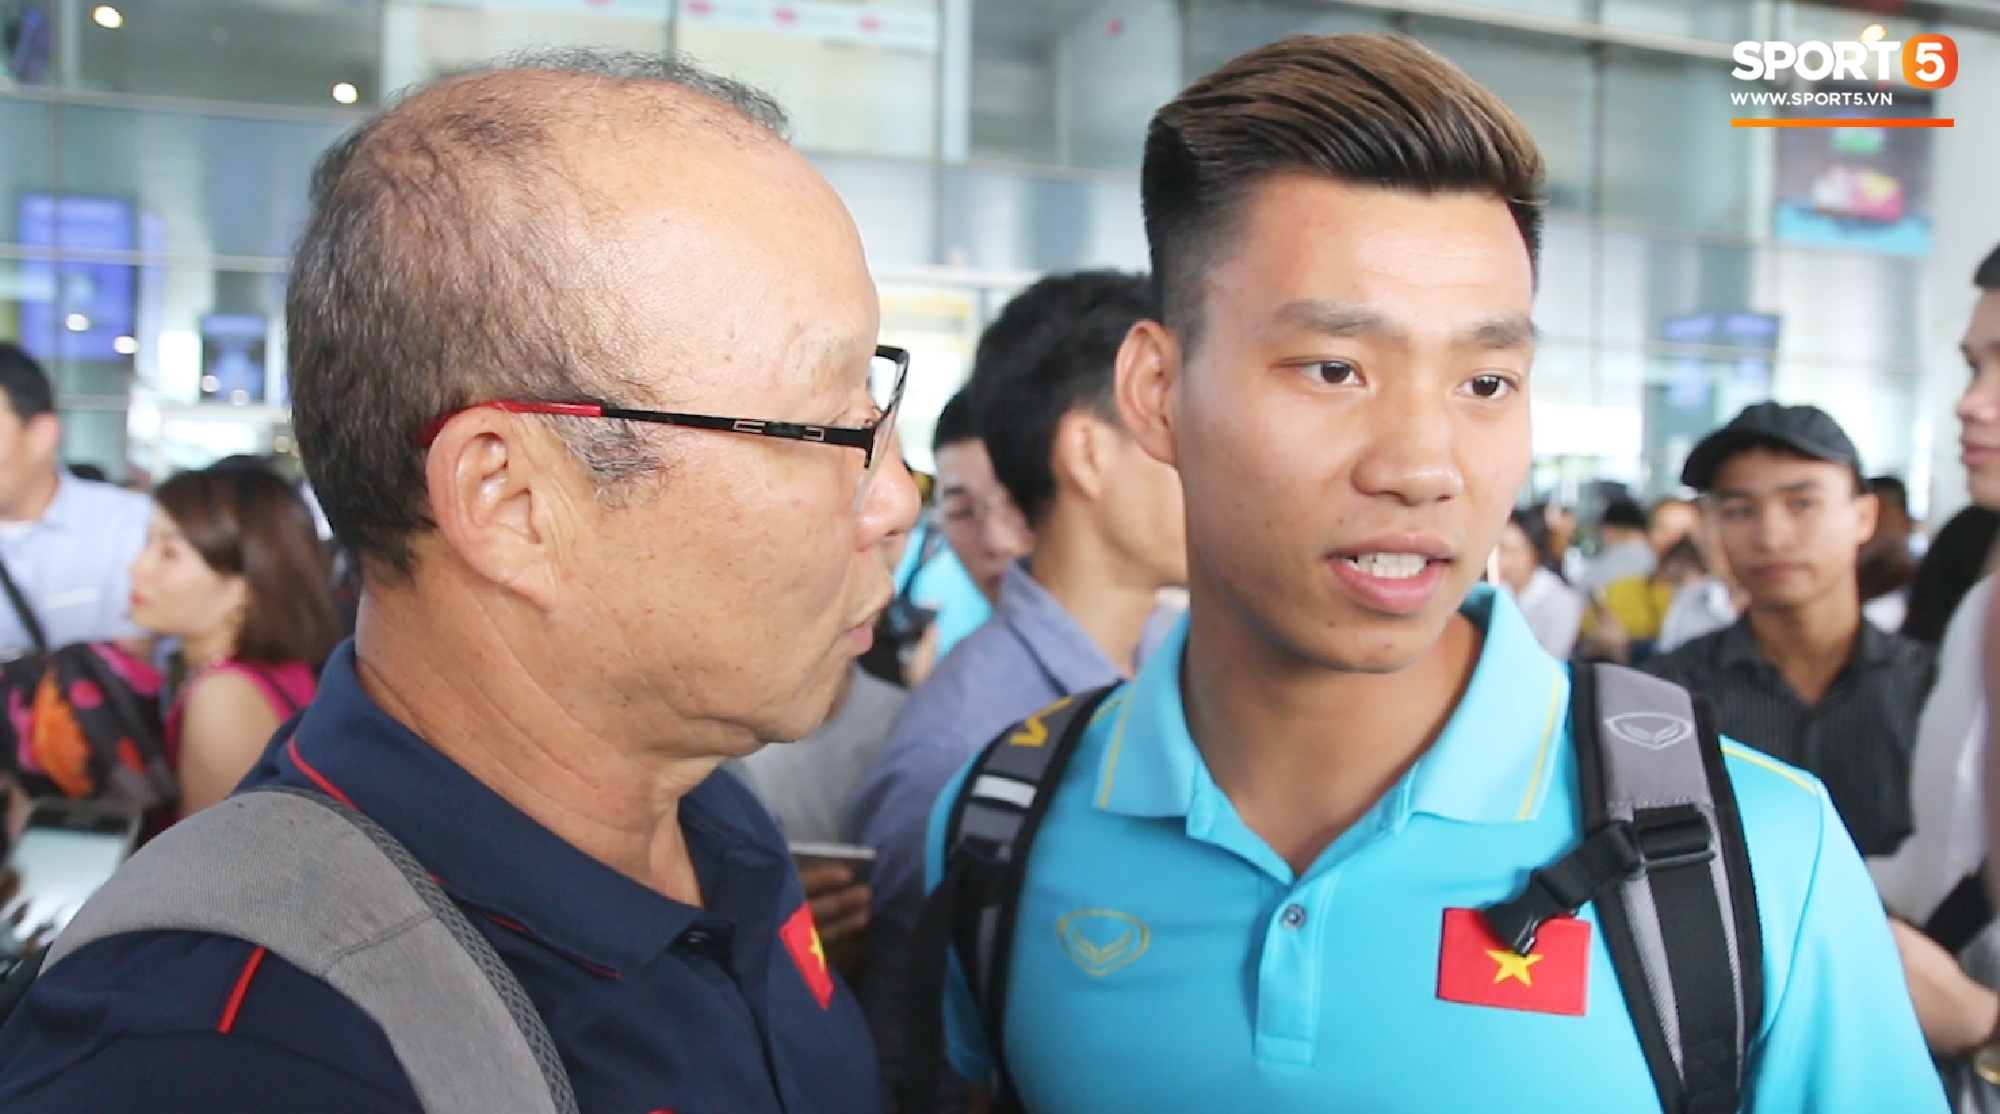 Sau Công Phượng, thêm ba cầu thủ của HAGL đánh lẻ ngay khi về tới Hà Nội - Ảnh 6.